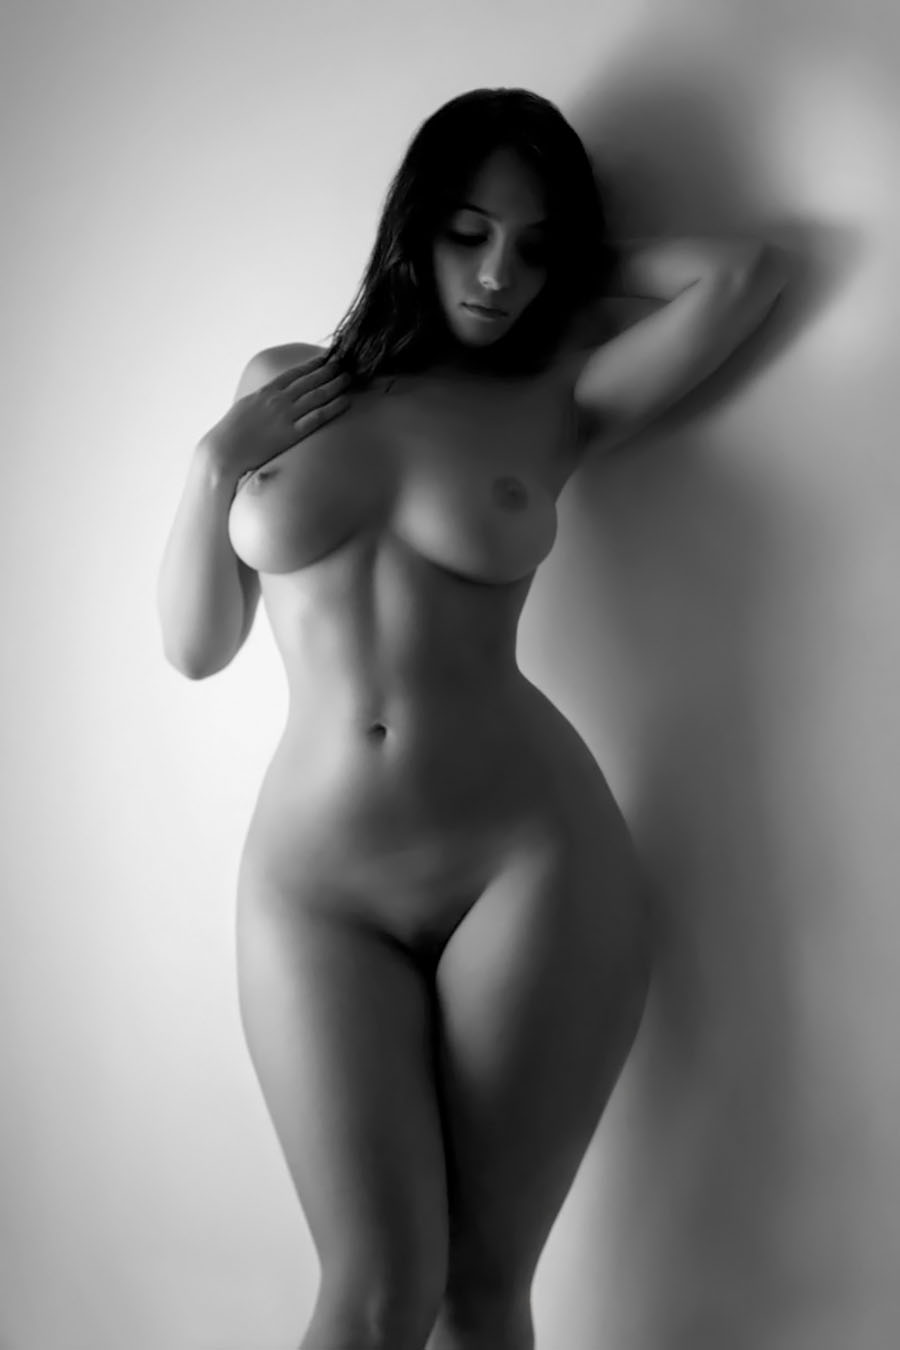 Эротика женской фигуры в фотографиях 12 фотография